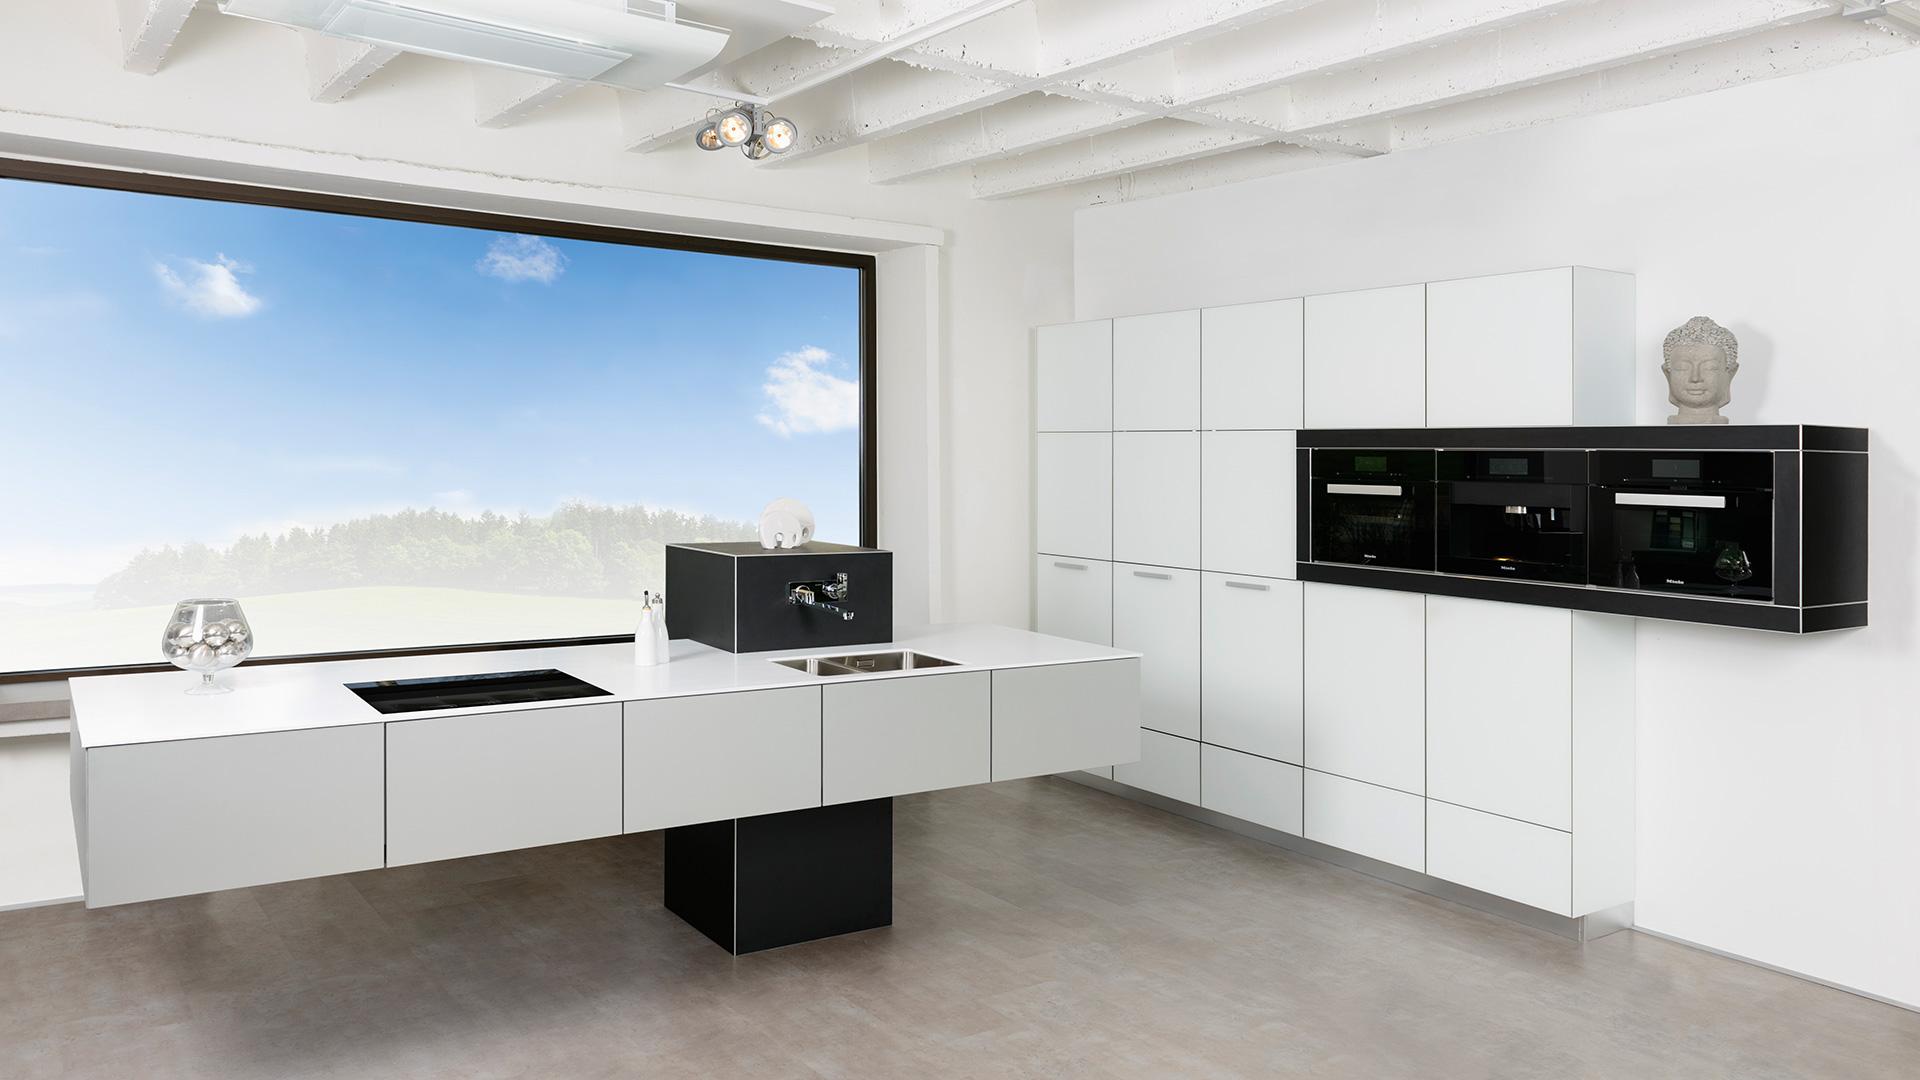 German mueller kitchen luxury kitchen gaggenau neff for Gaggenau küchen